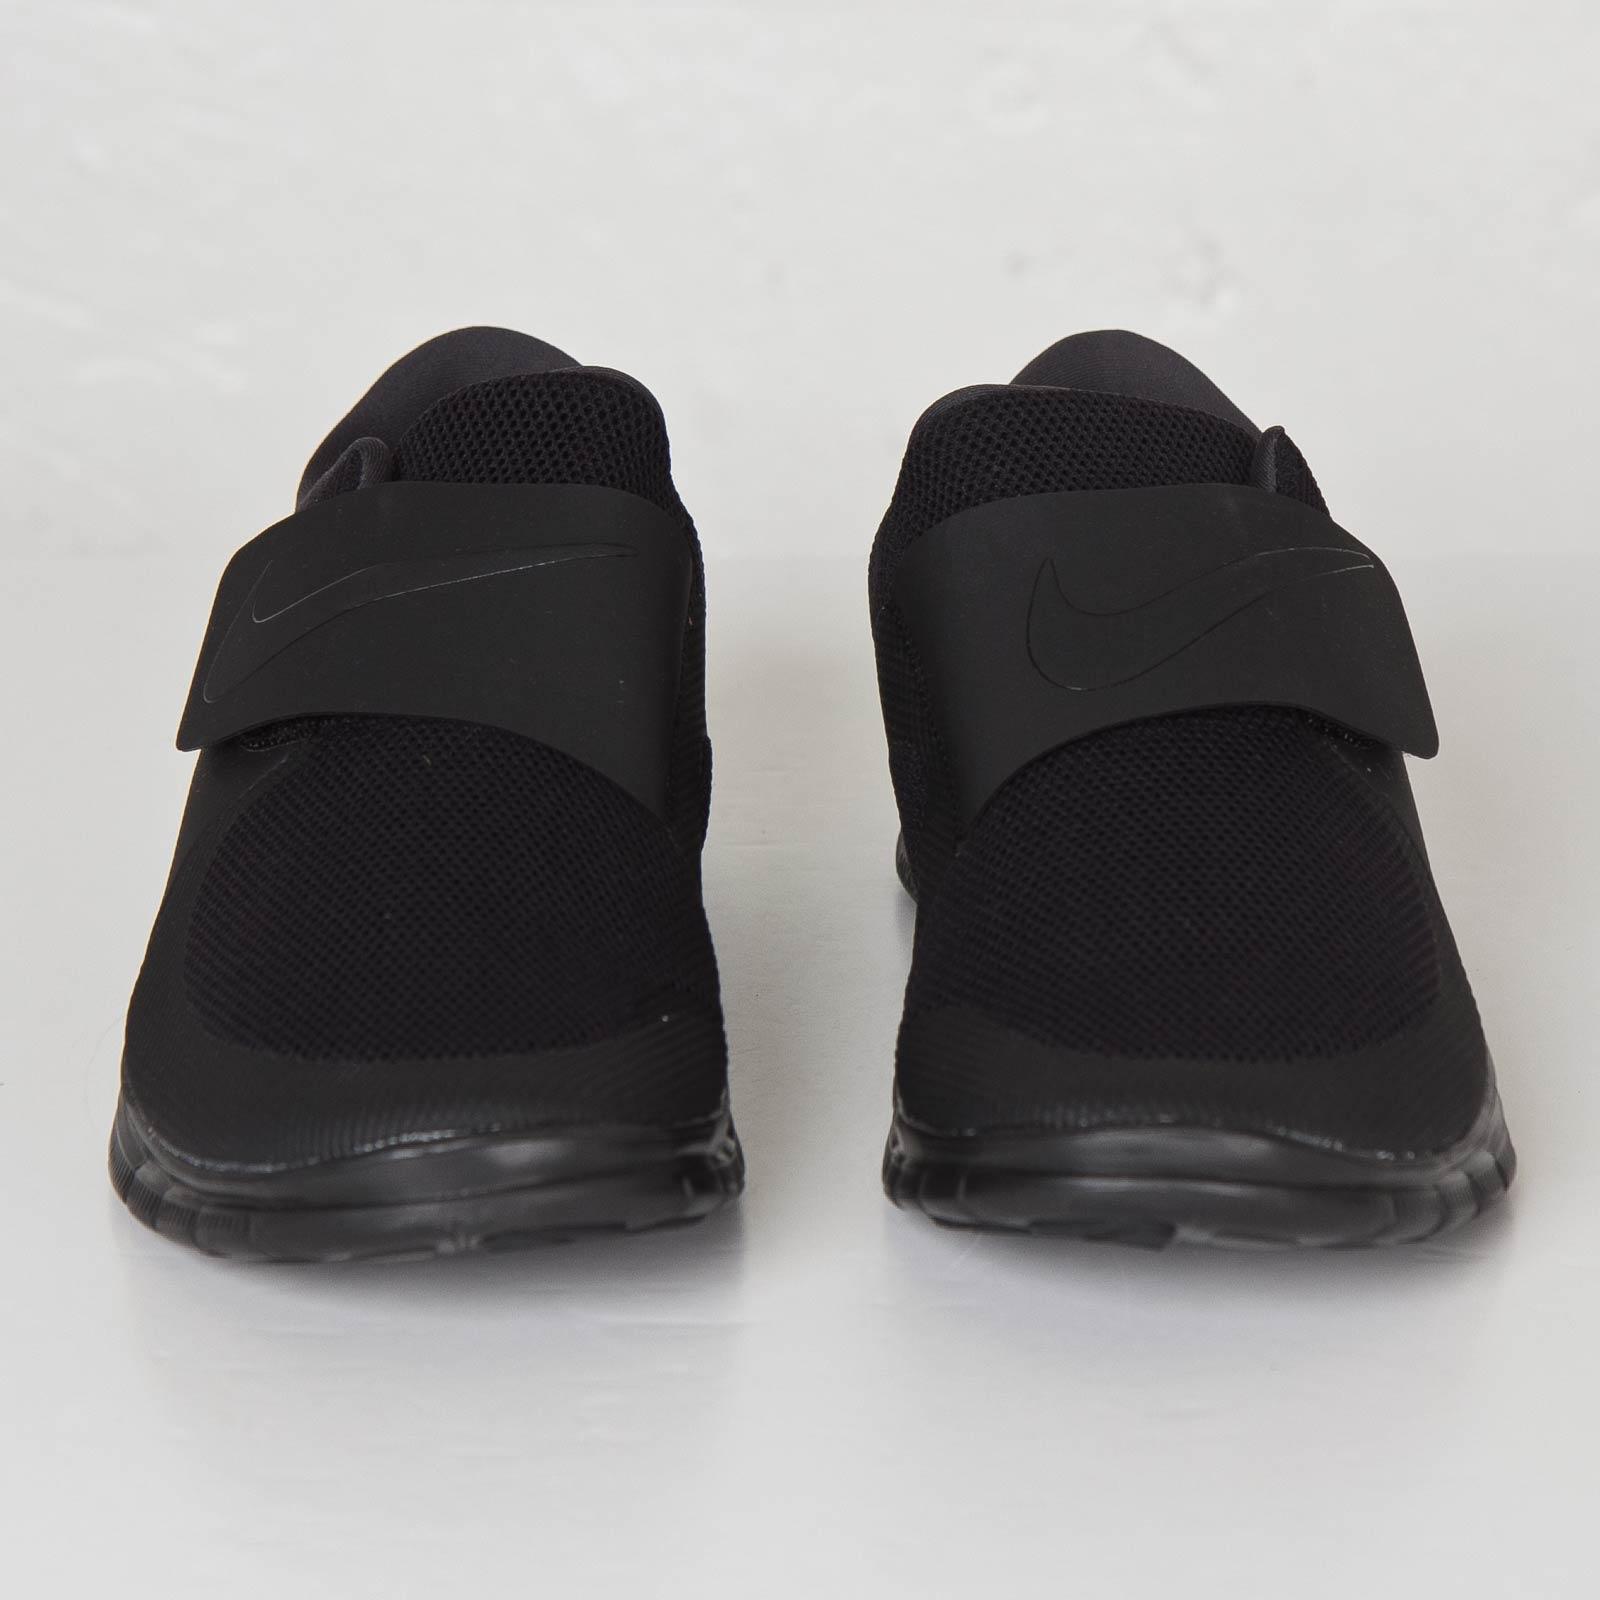 001 Sneakersnstuffsneakers 724851 Socfly Nike Free Rj4L5A